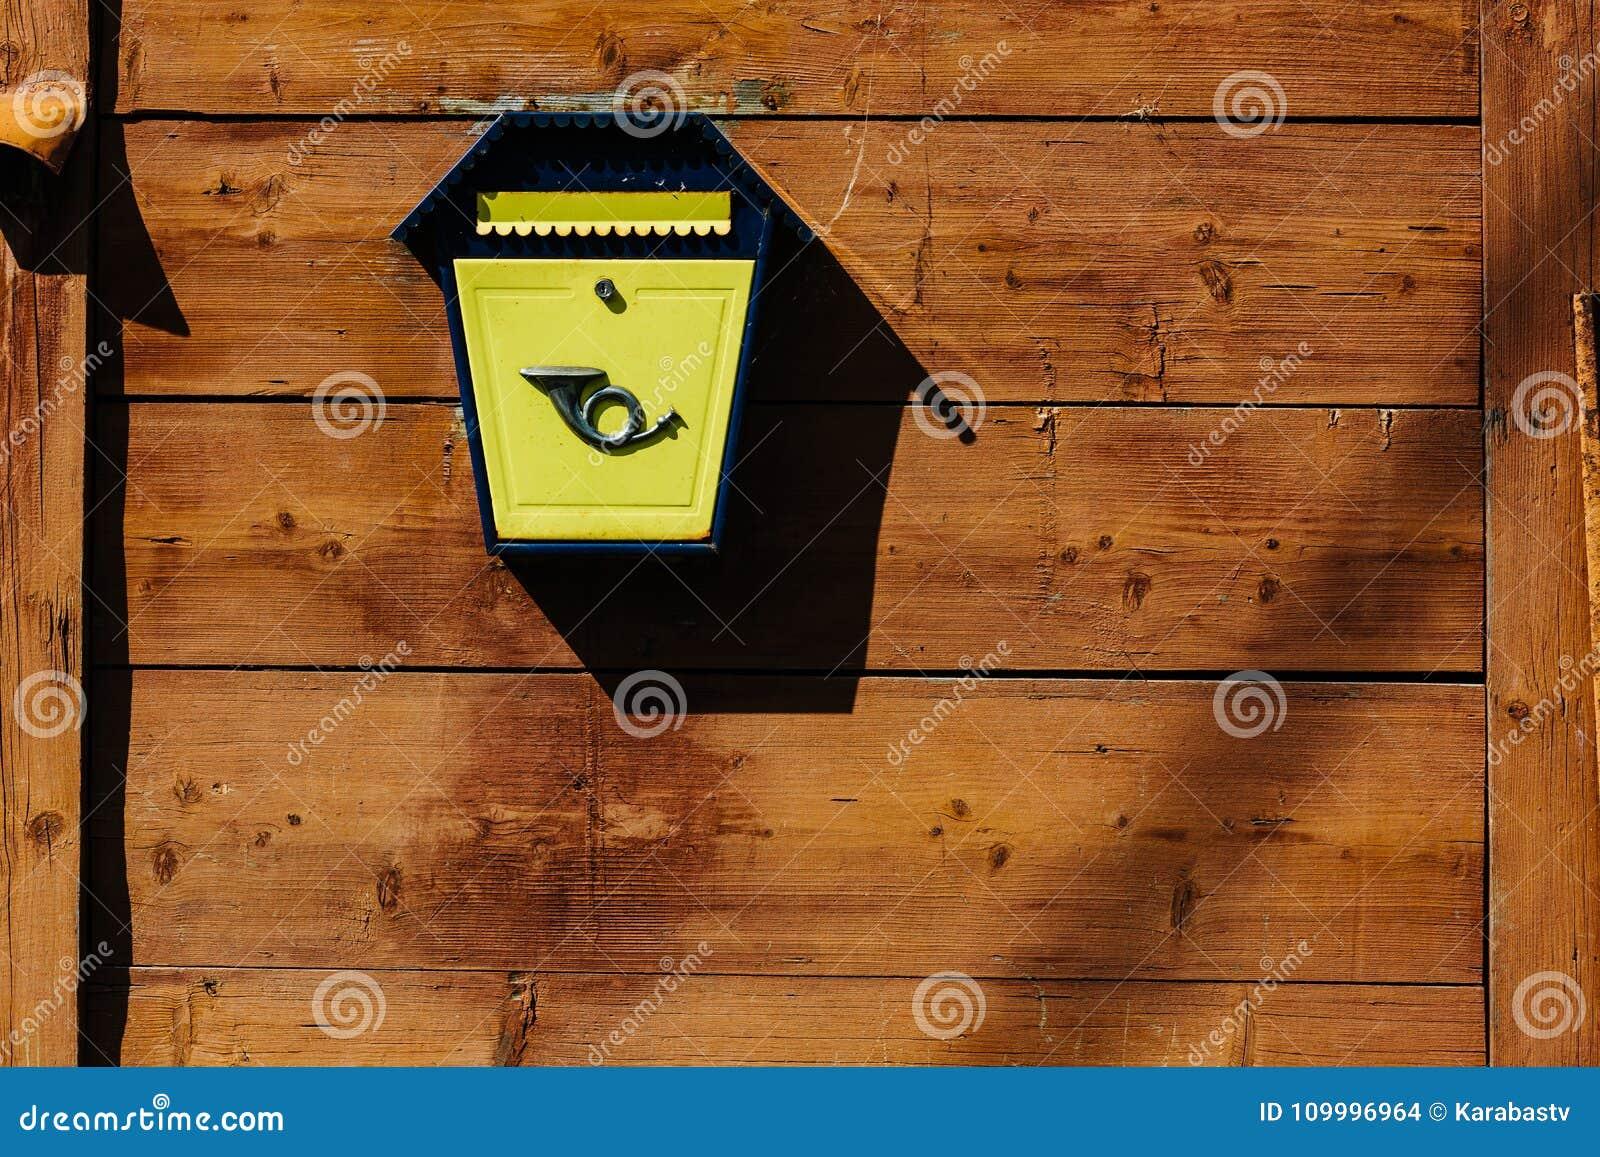 Lettere Di Legno Da Appendere : Cassetta delle lettere del metallo giallo su una parete di legno